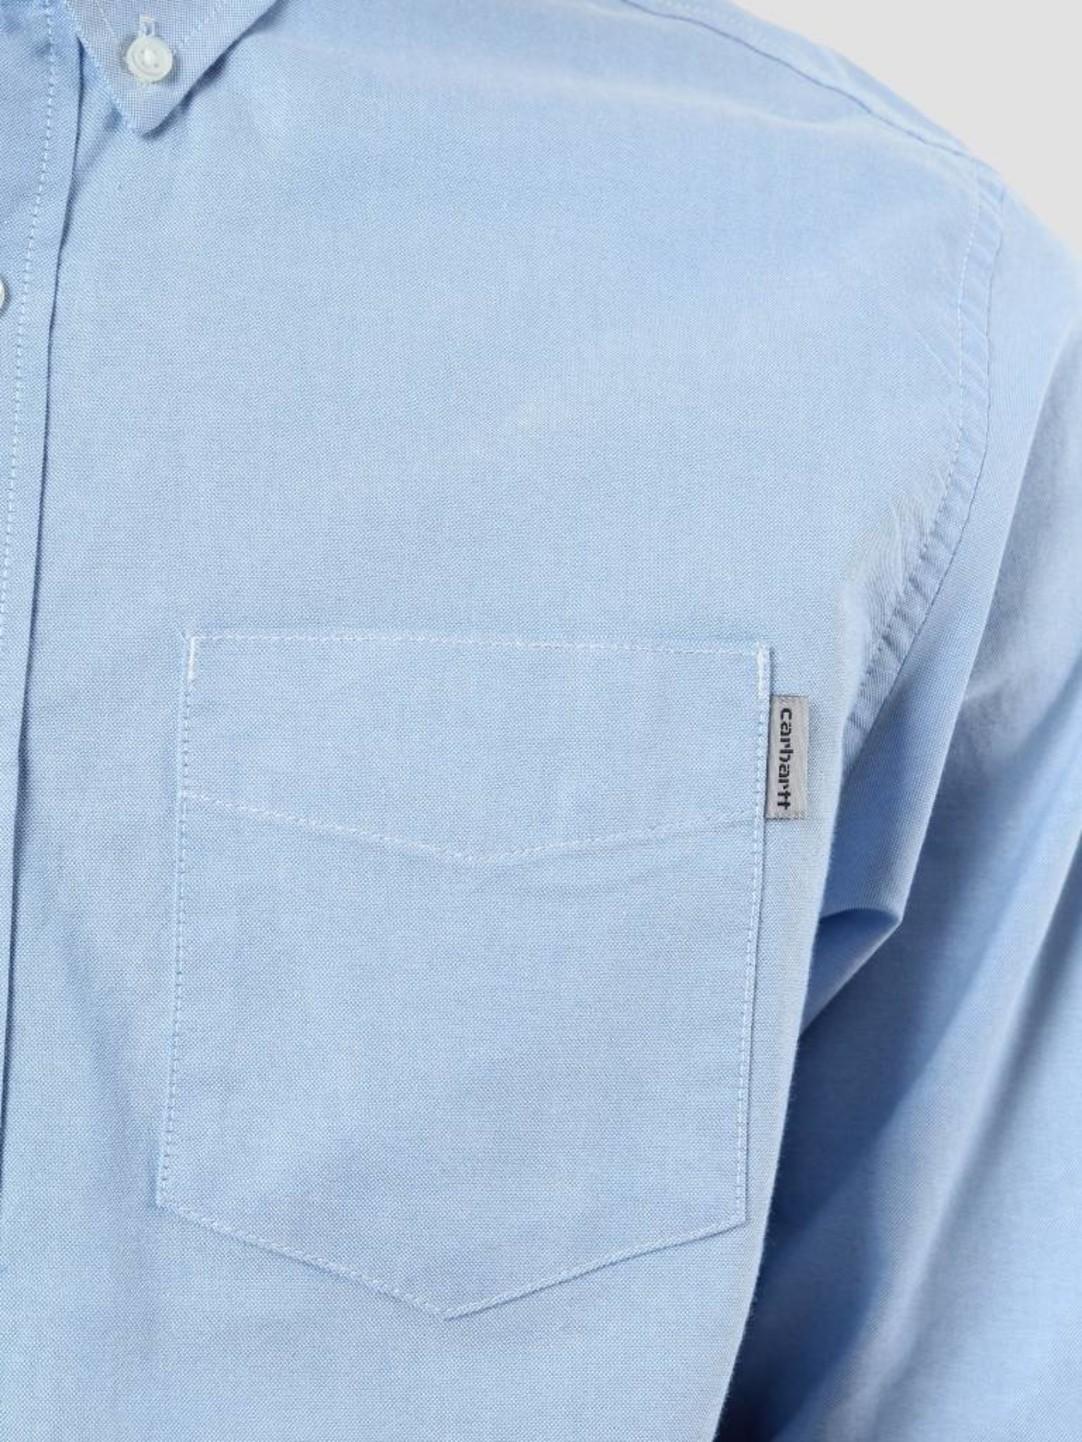 Carhartt WIP Carhartt WIP Button Down Pocket Shirt Bleach I022069-KY90